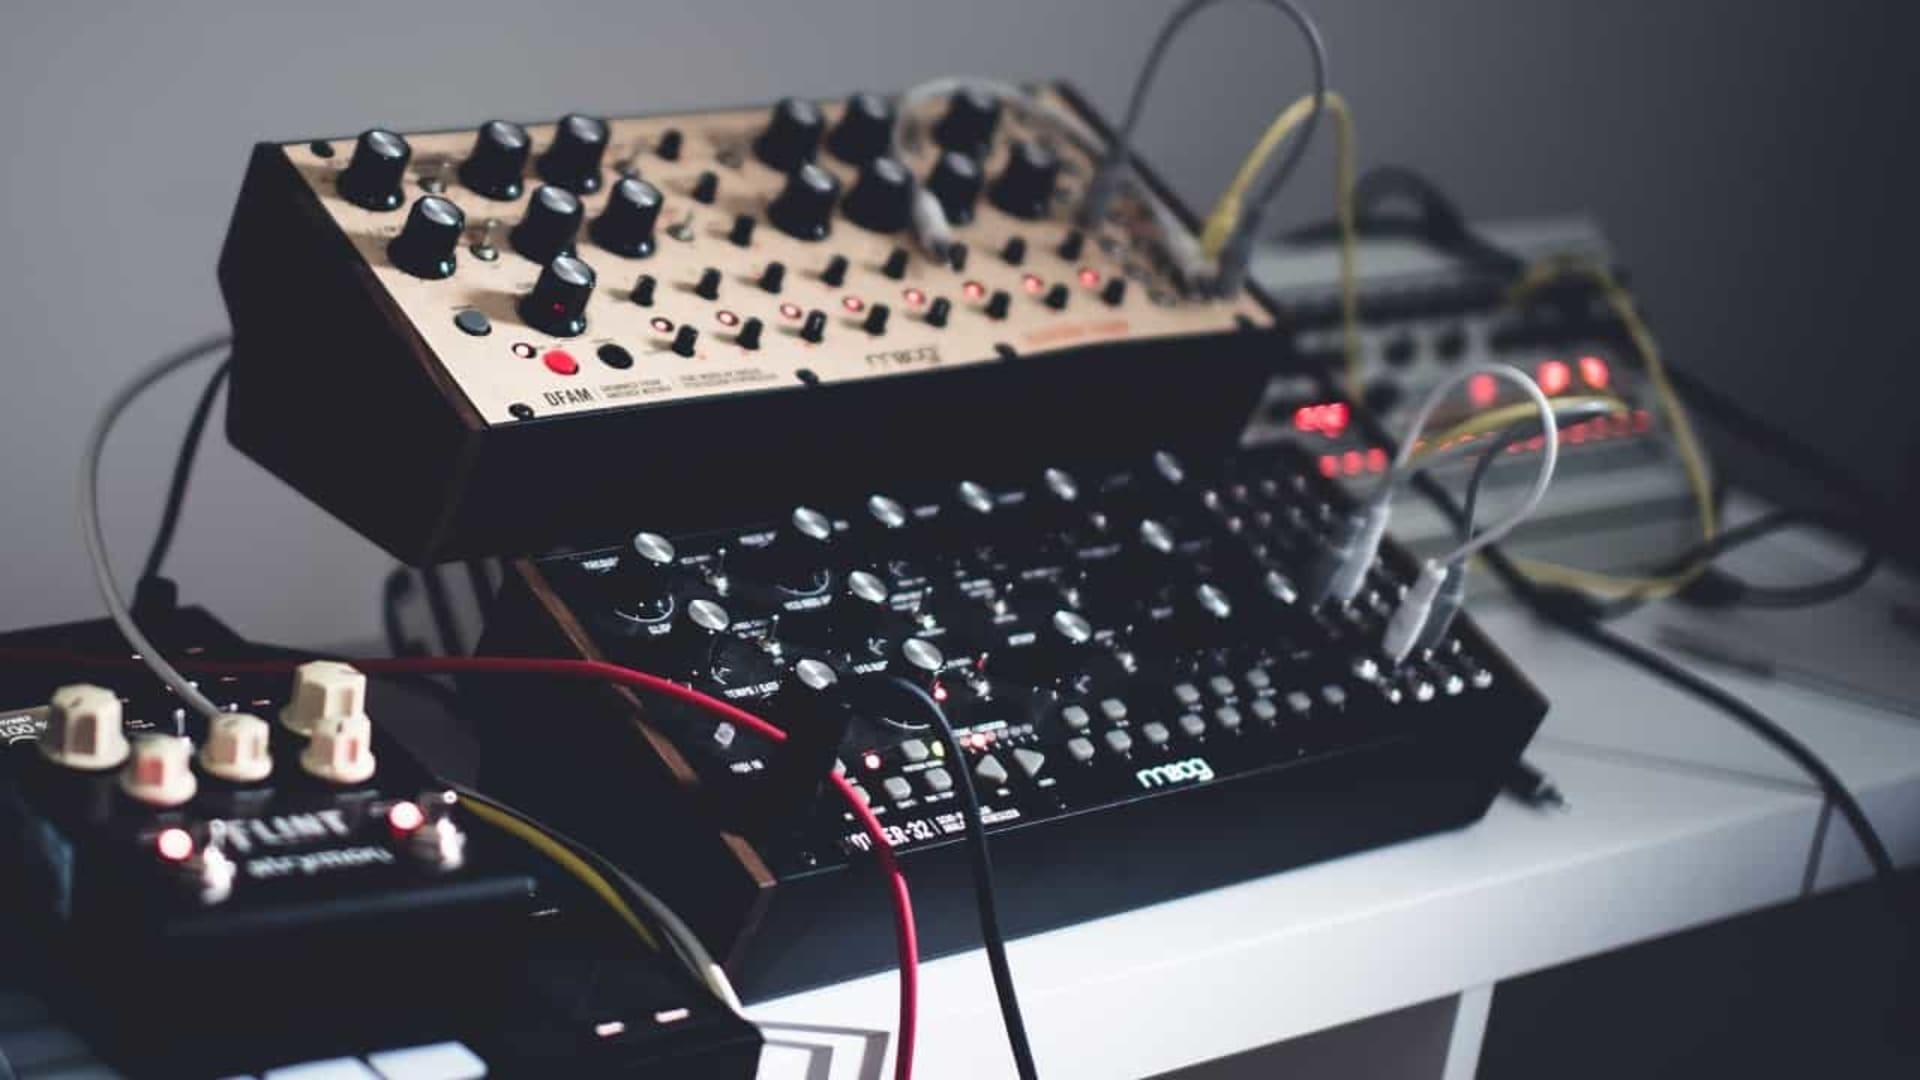 Moog synthesizer. Anton Shuvalov